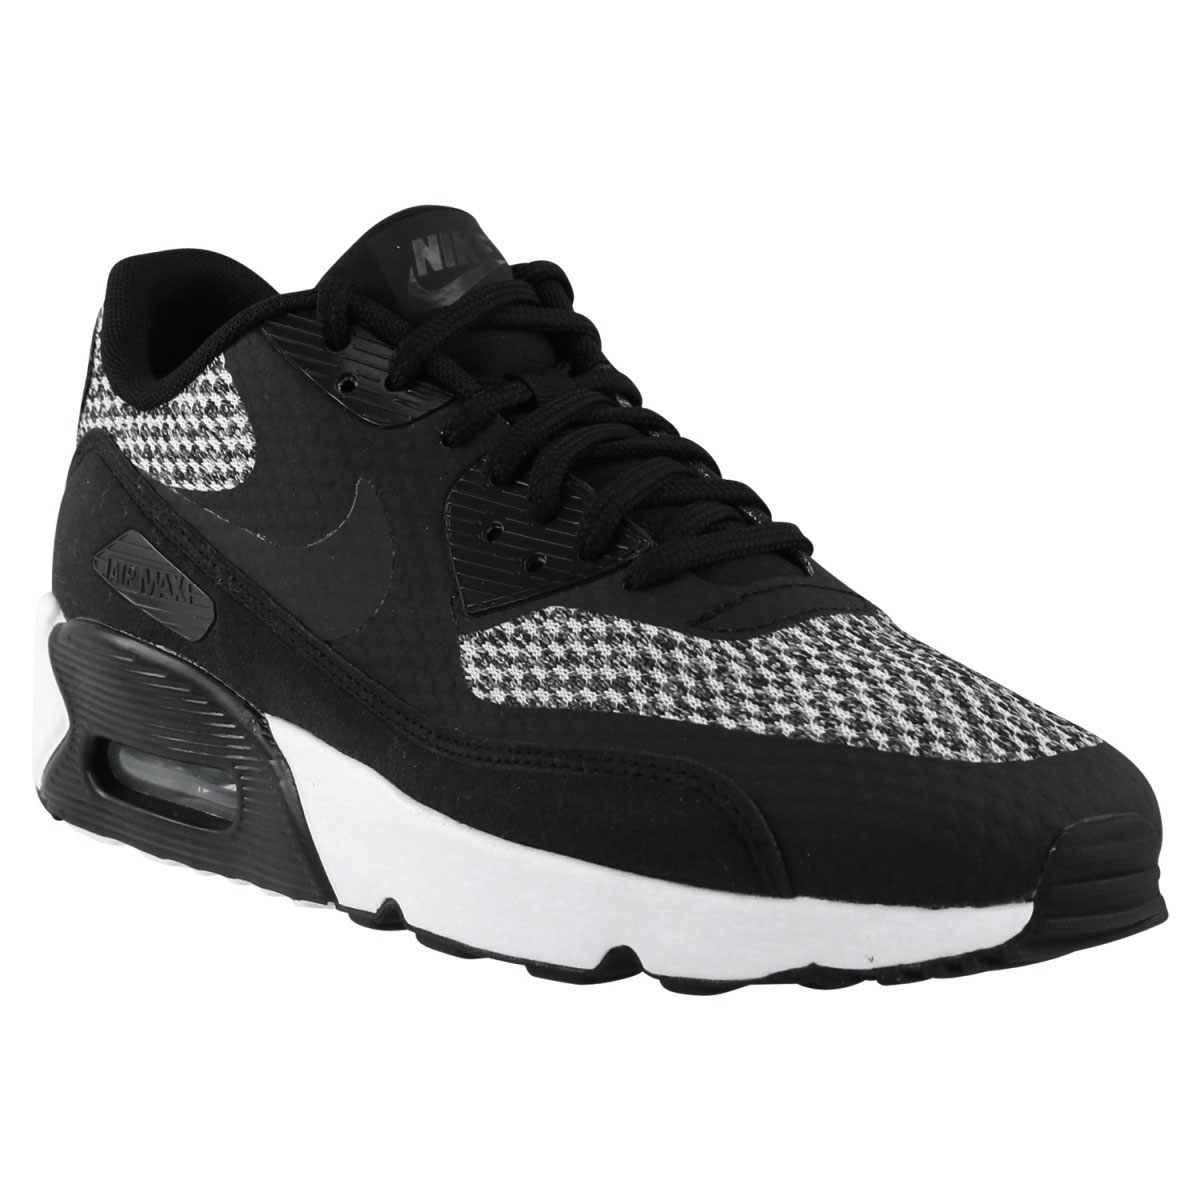 hot sale online 555d7 93b2a Nike Air Max 90 Ultra 2.0 SE GS Sneaker schwarz weiß 917988 005 – Bild 3